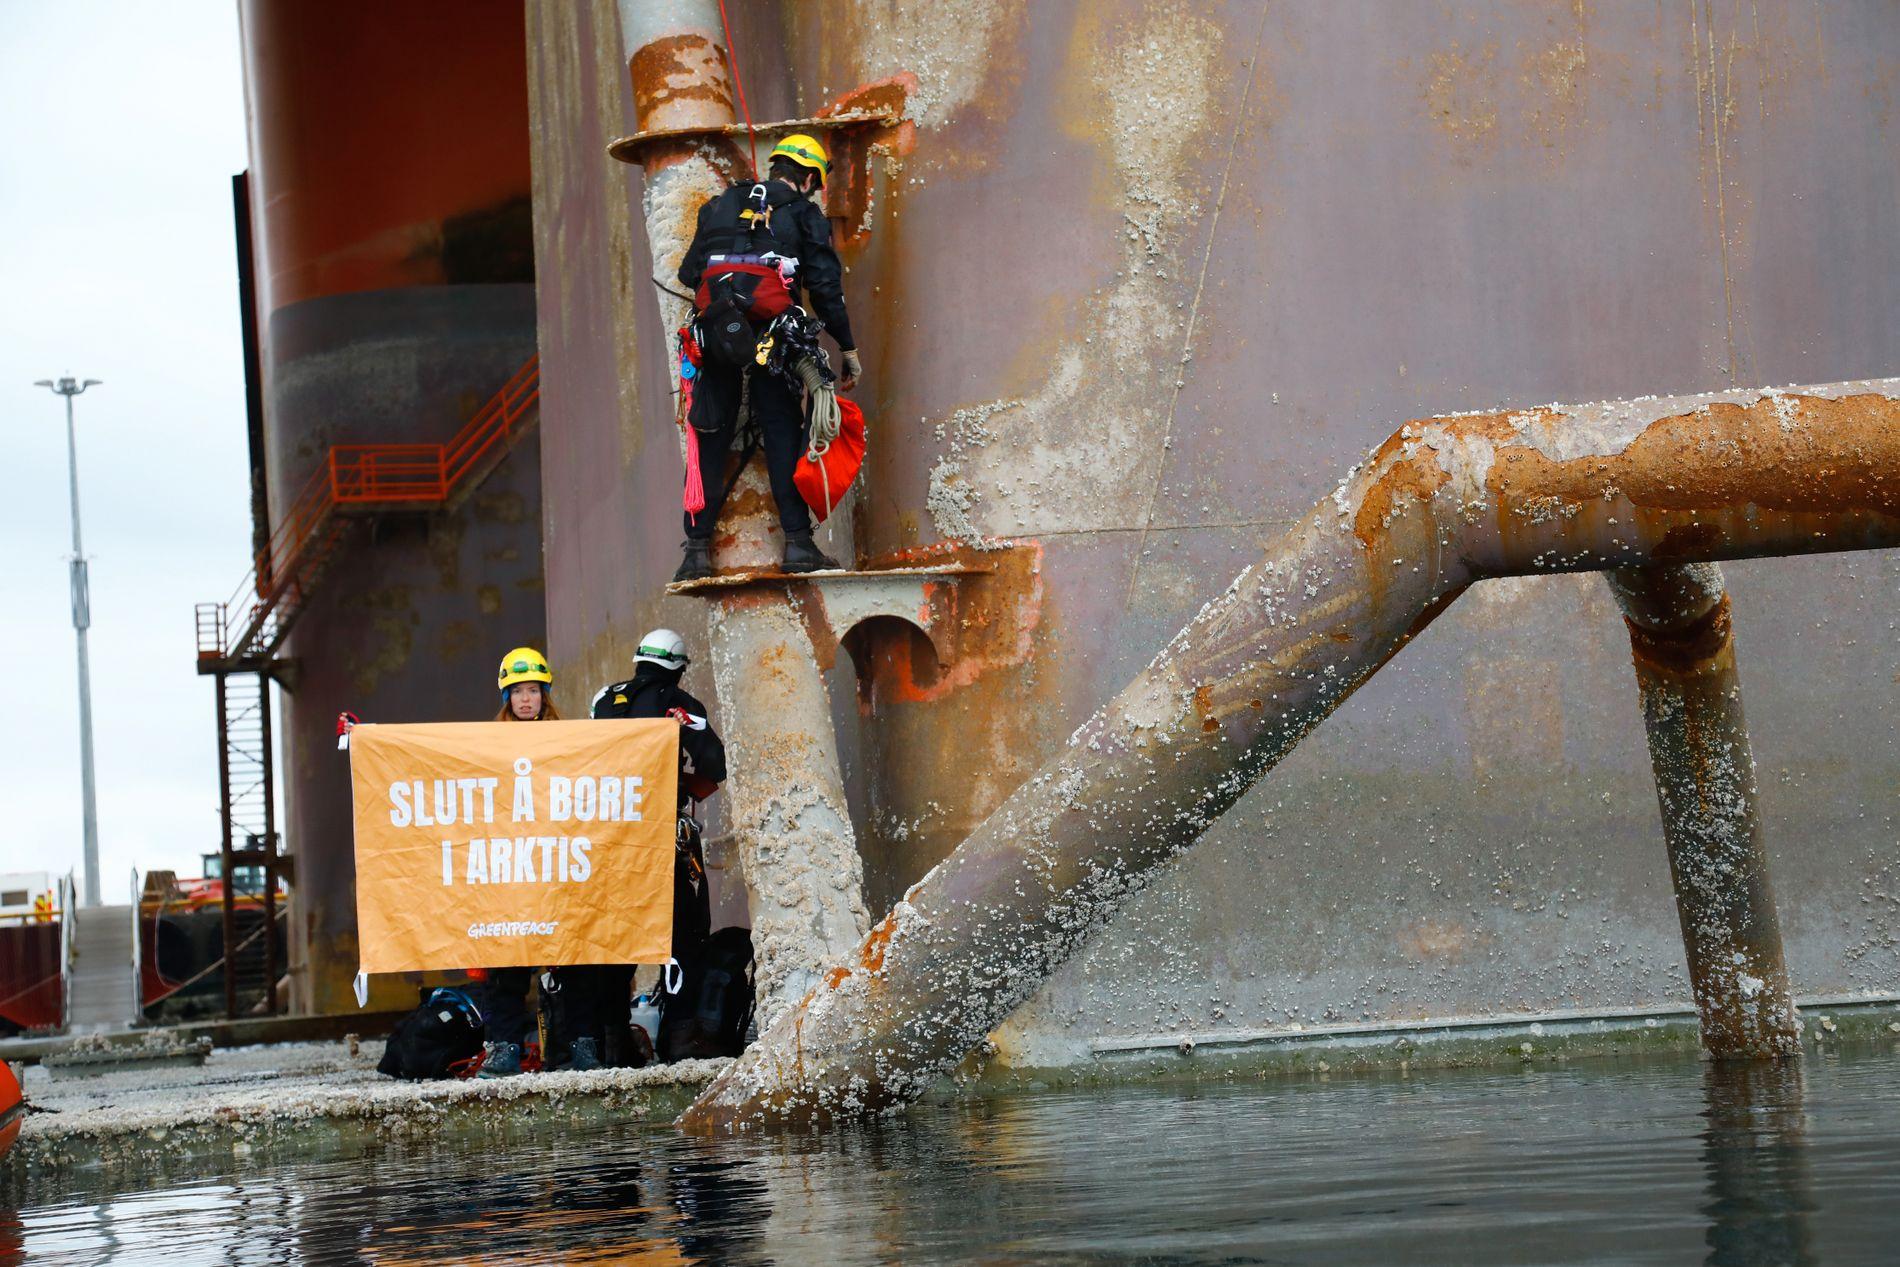 PÅ RIGGEN: Mandag klatret fire Greenpeace-aktivister opp på Seadrill-riggen West Hercules, som ligger utenfor Hammerfest. Riggen skal bore for Equinor senere i år. Også i fjor aksjonerte Greenpeace mot riggen, da den lå i Bergen.